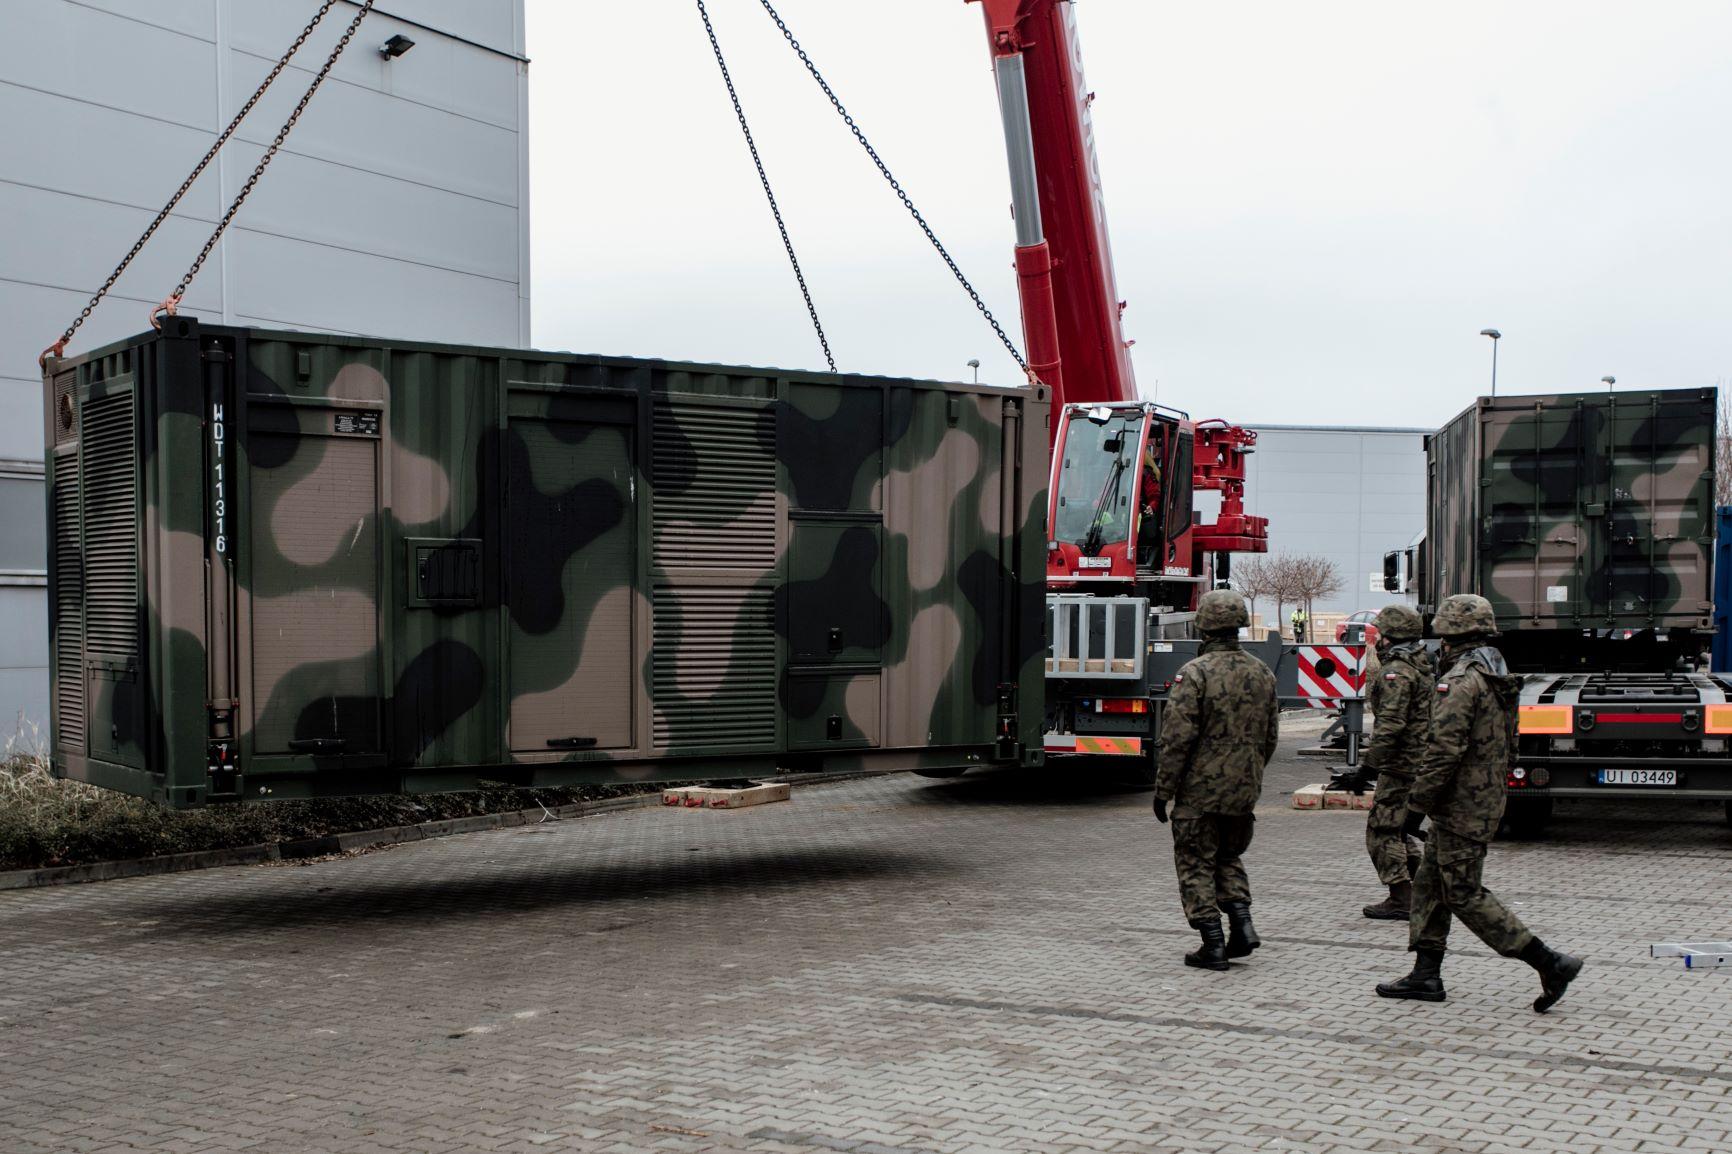 Lubelscy terytorialsi pomagają w budowie szpitala tymczasowego - Zdjęcie główne